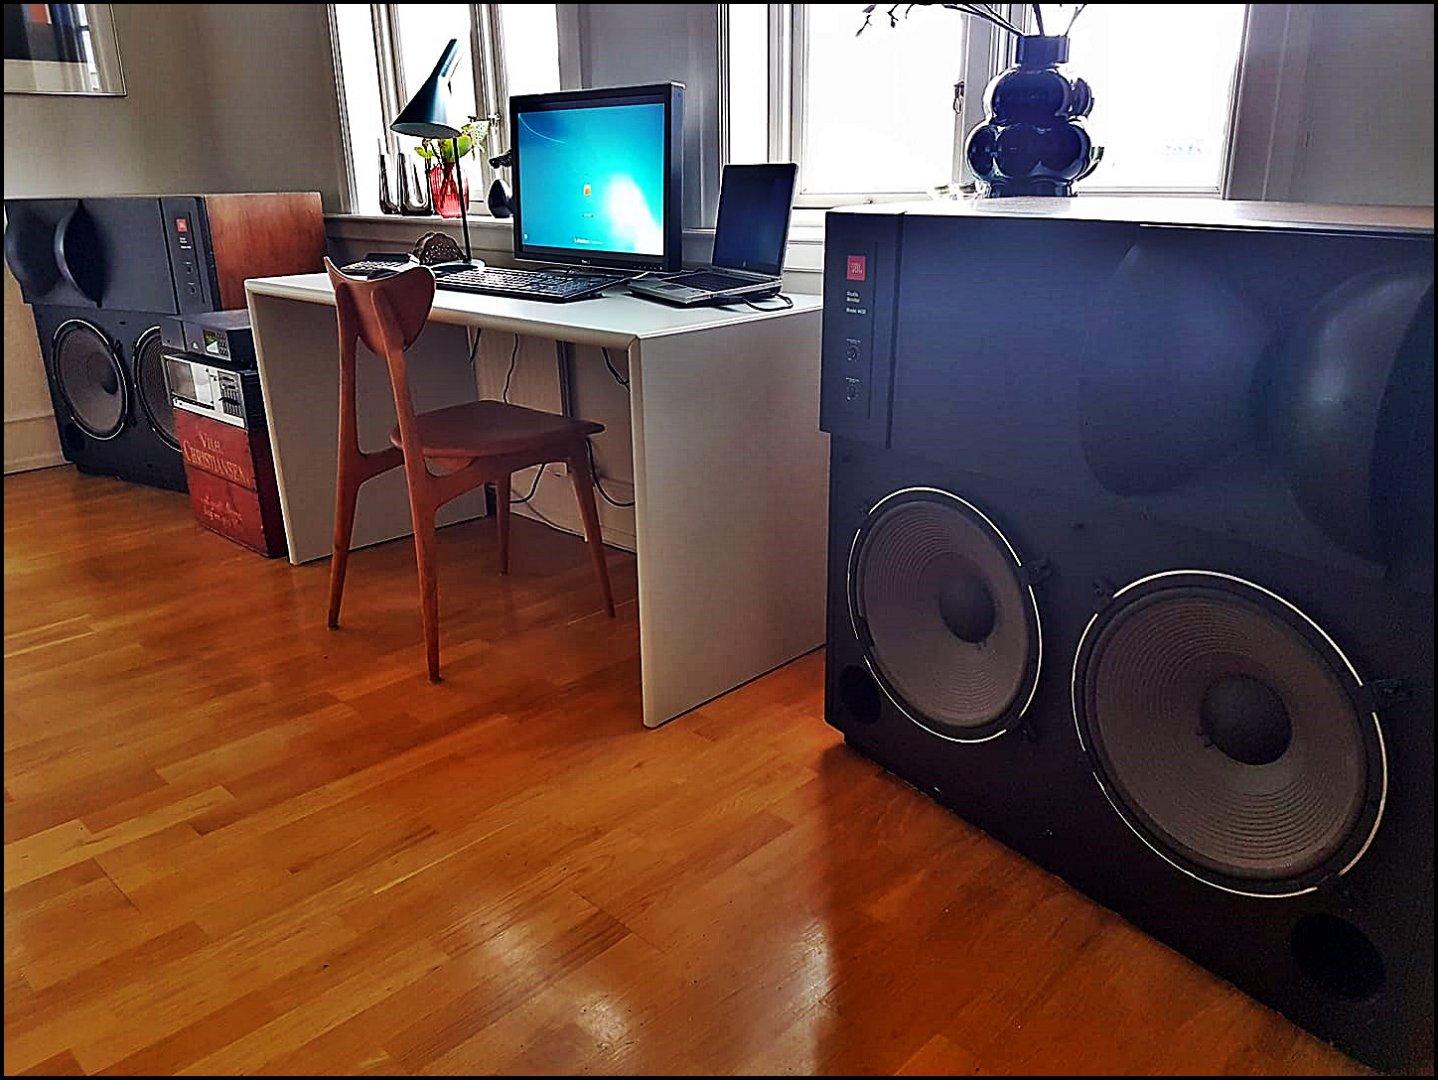 JBL laptop speakers.jpg